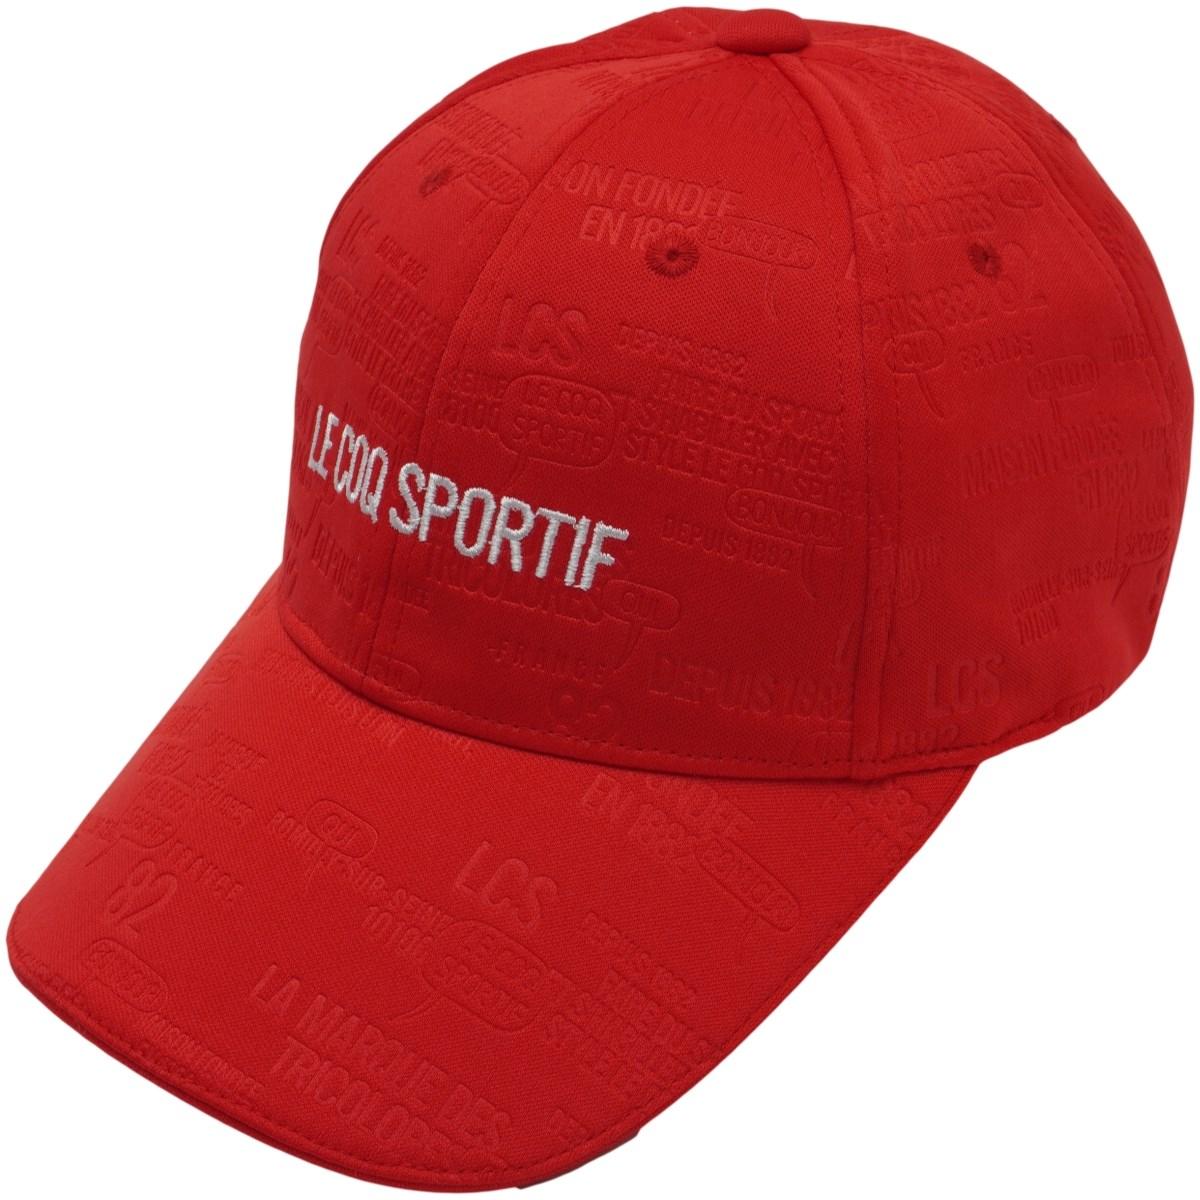 ルコックゴルフ Le coq sportif GOLF エンボスシンプルロゴキャップ フリー レッド 00 レディス